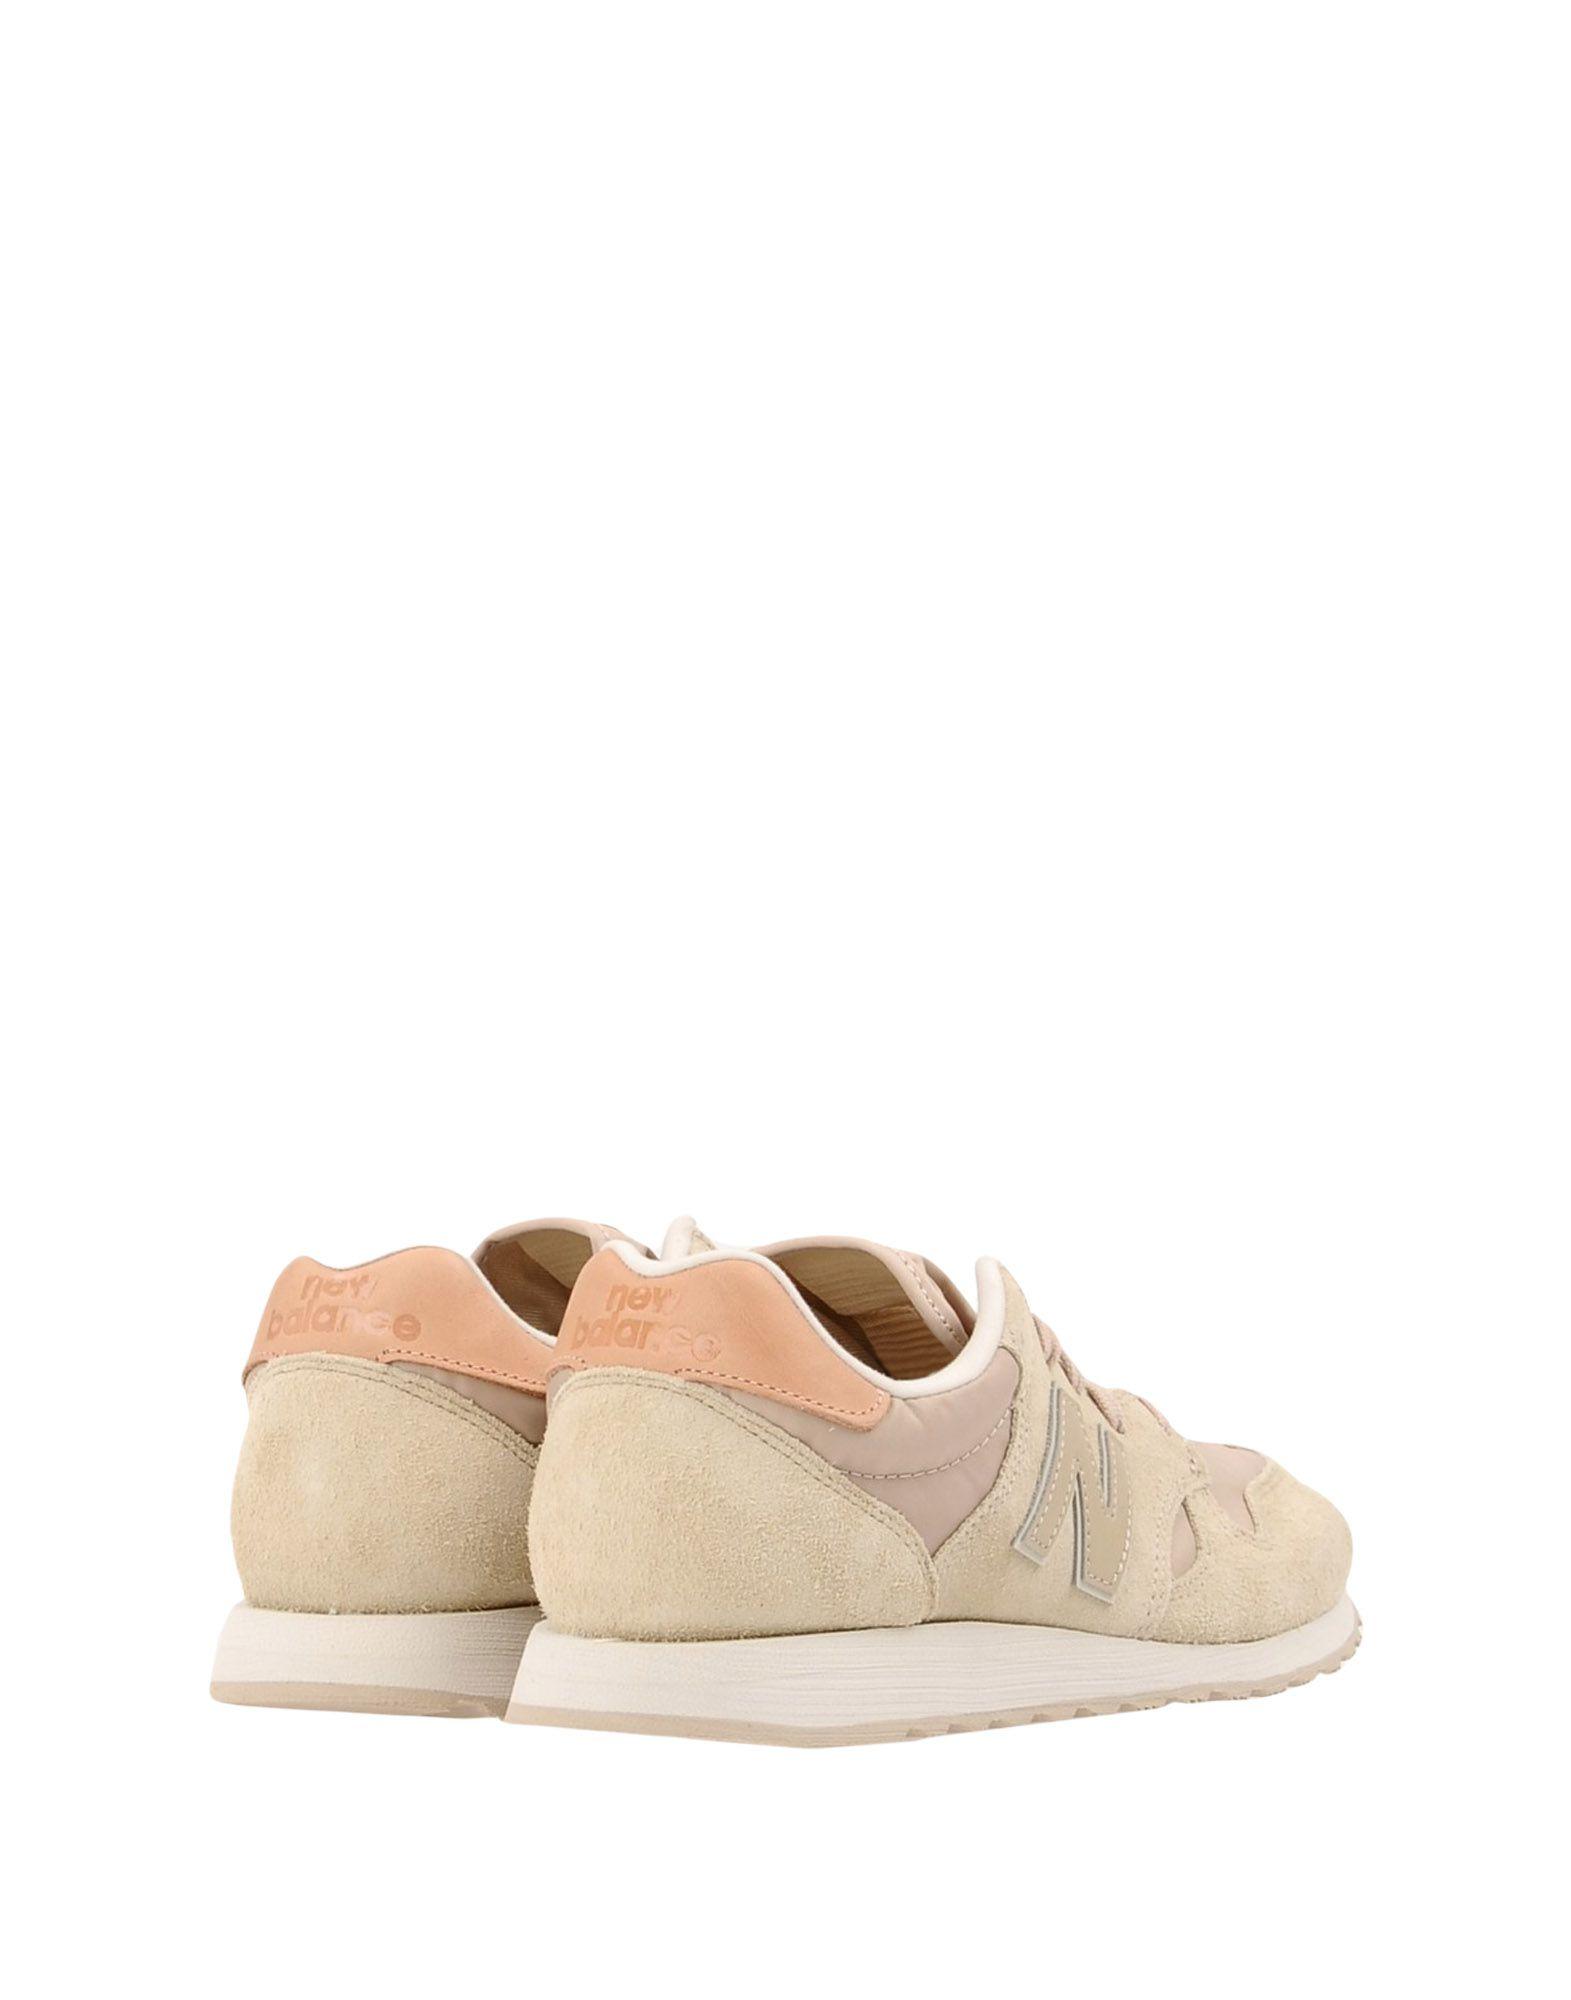 New Balance 520 Vintage  11334199OL Gute Qualität beliebte Schuhe